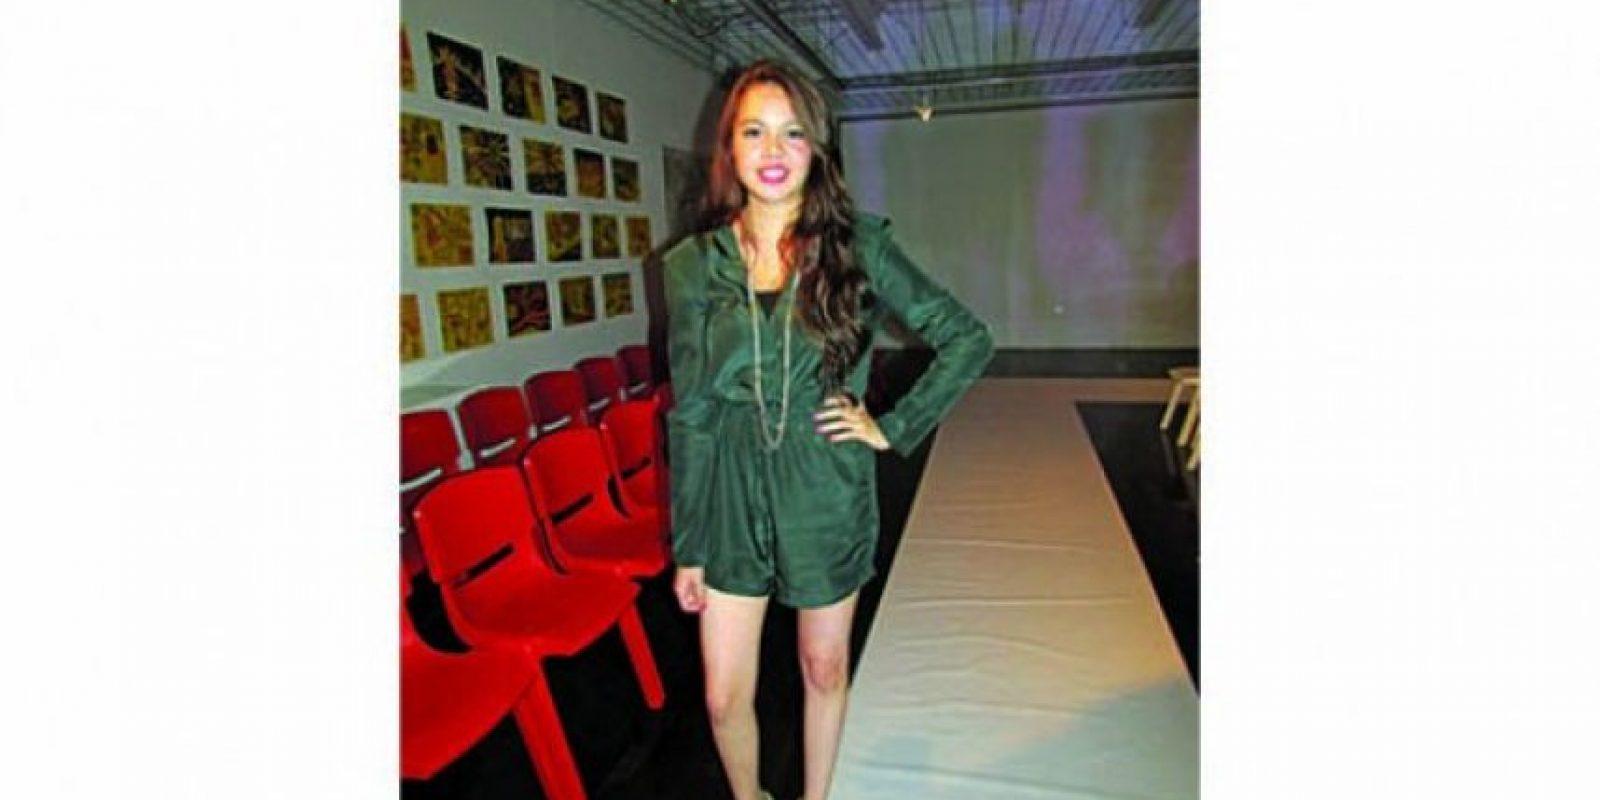 """Lourdes, 18 años """"Tengo un look más fashion. Siempre trato de lucir a la moda y que los colores combinen"""". OCUPACIÓN: ESTUDIANTE DE COMUNICACIÓN"""